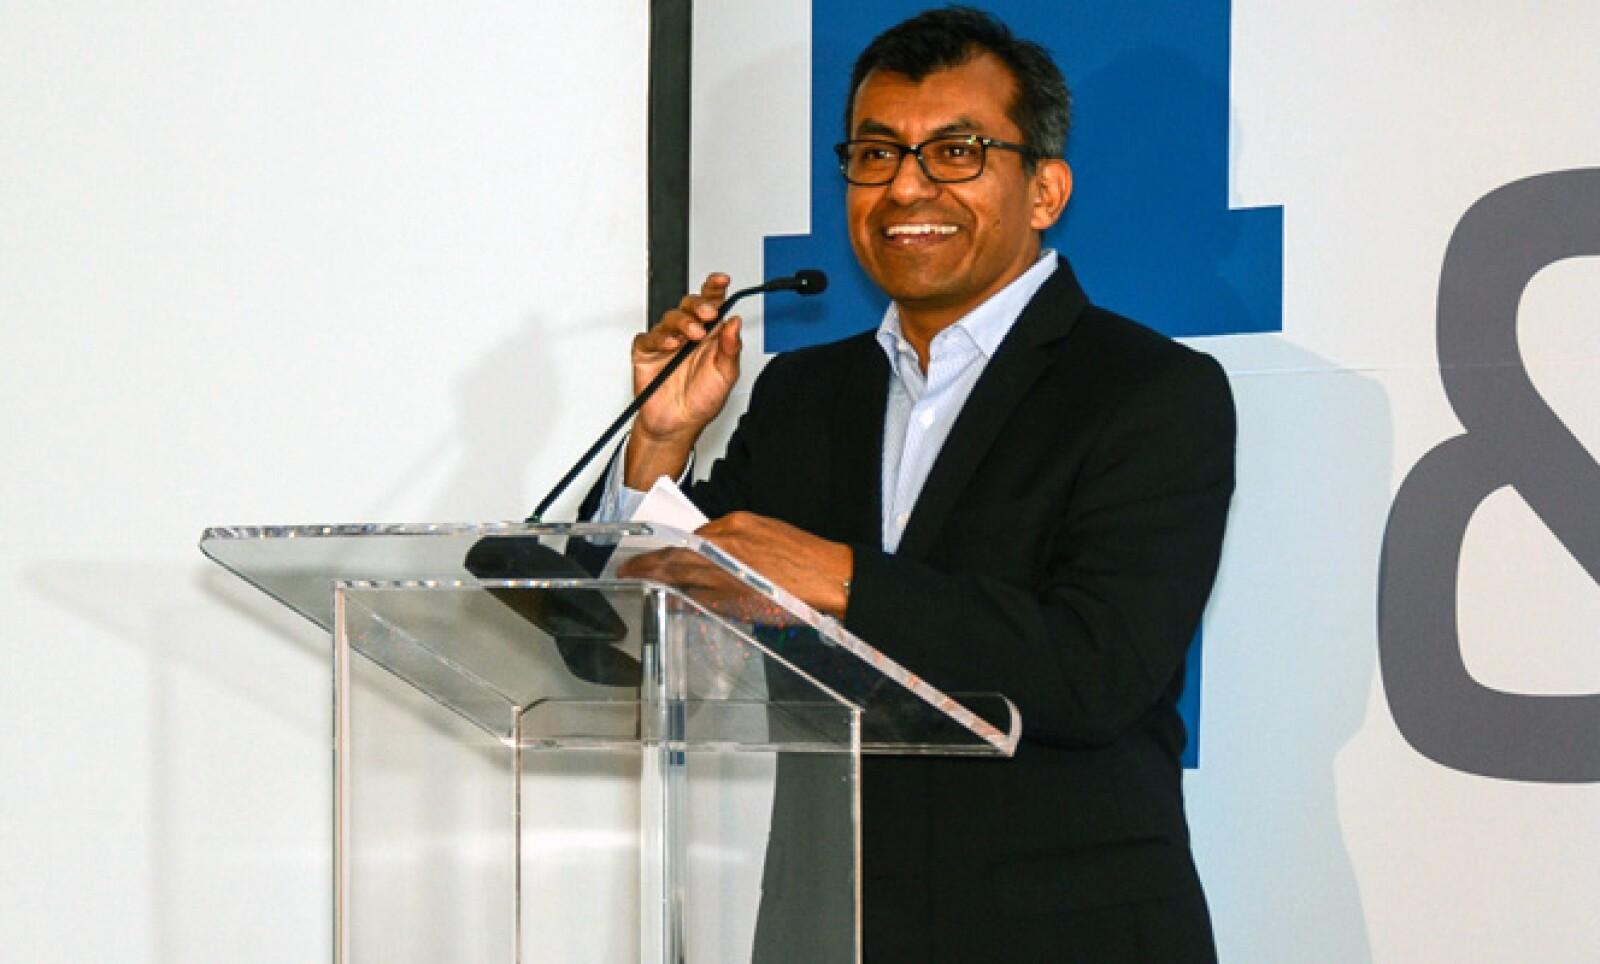 Desde hace 11 años el Grupo reconoce a quienes se atreven a emprender, destacó José Manuel Martínez, editor general de CNNExpansión.